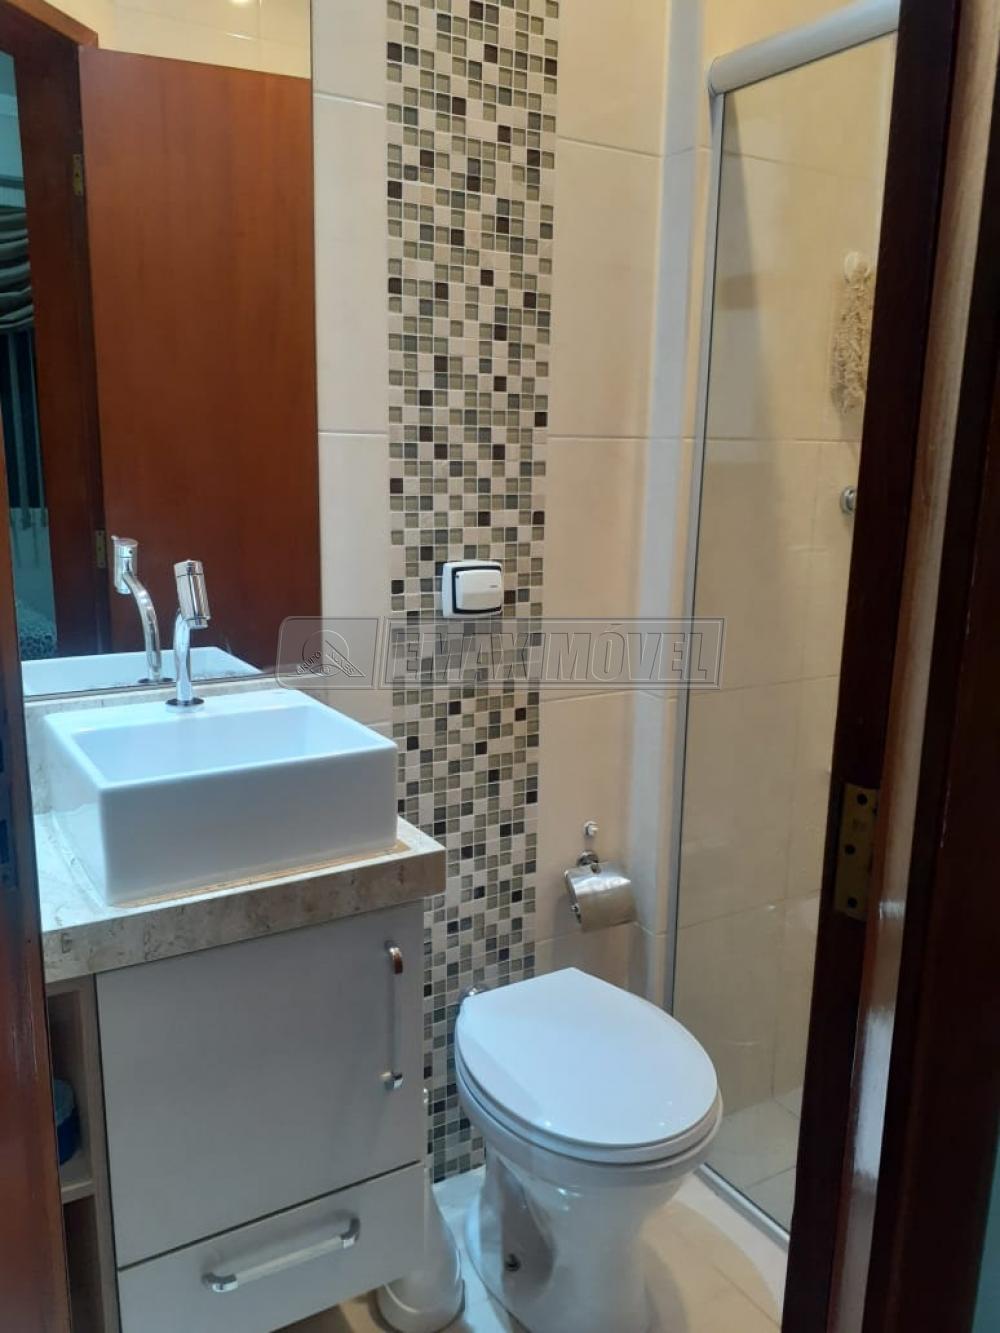 Comprar Apartamentos / Apto Padrão em Sorocaba R$ 285.000,00 - Foto 13